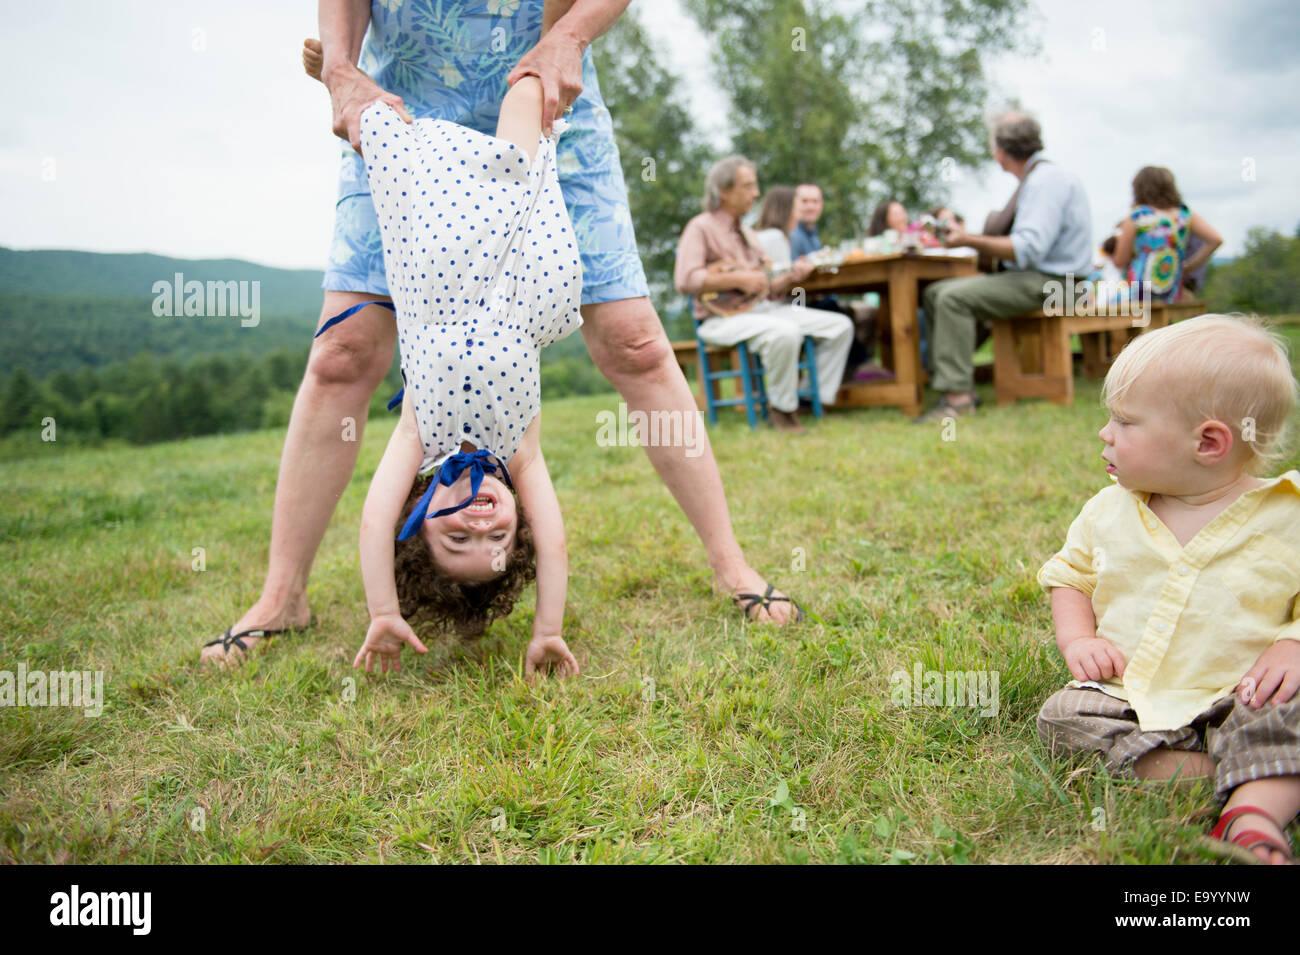 Femmina membro della famiglia scherzosamente holding toddler da gambe alla riunione di famiglia, all'aperto Immagini Stock